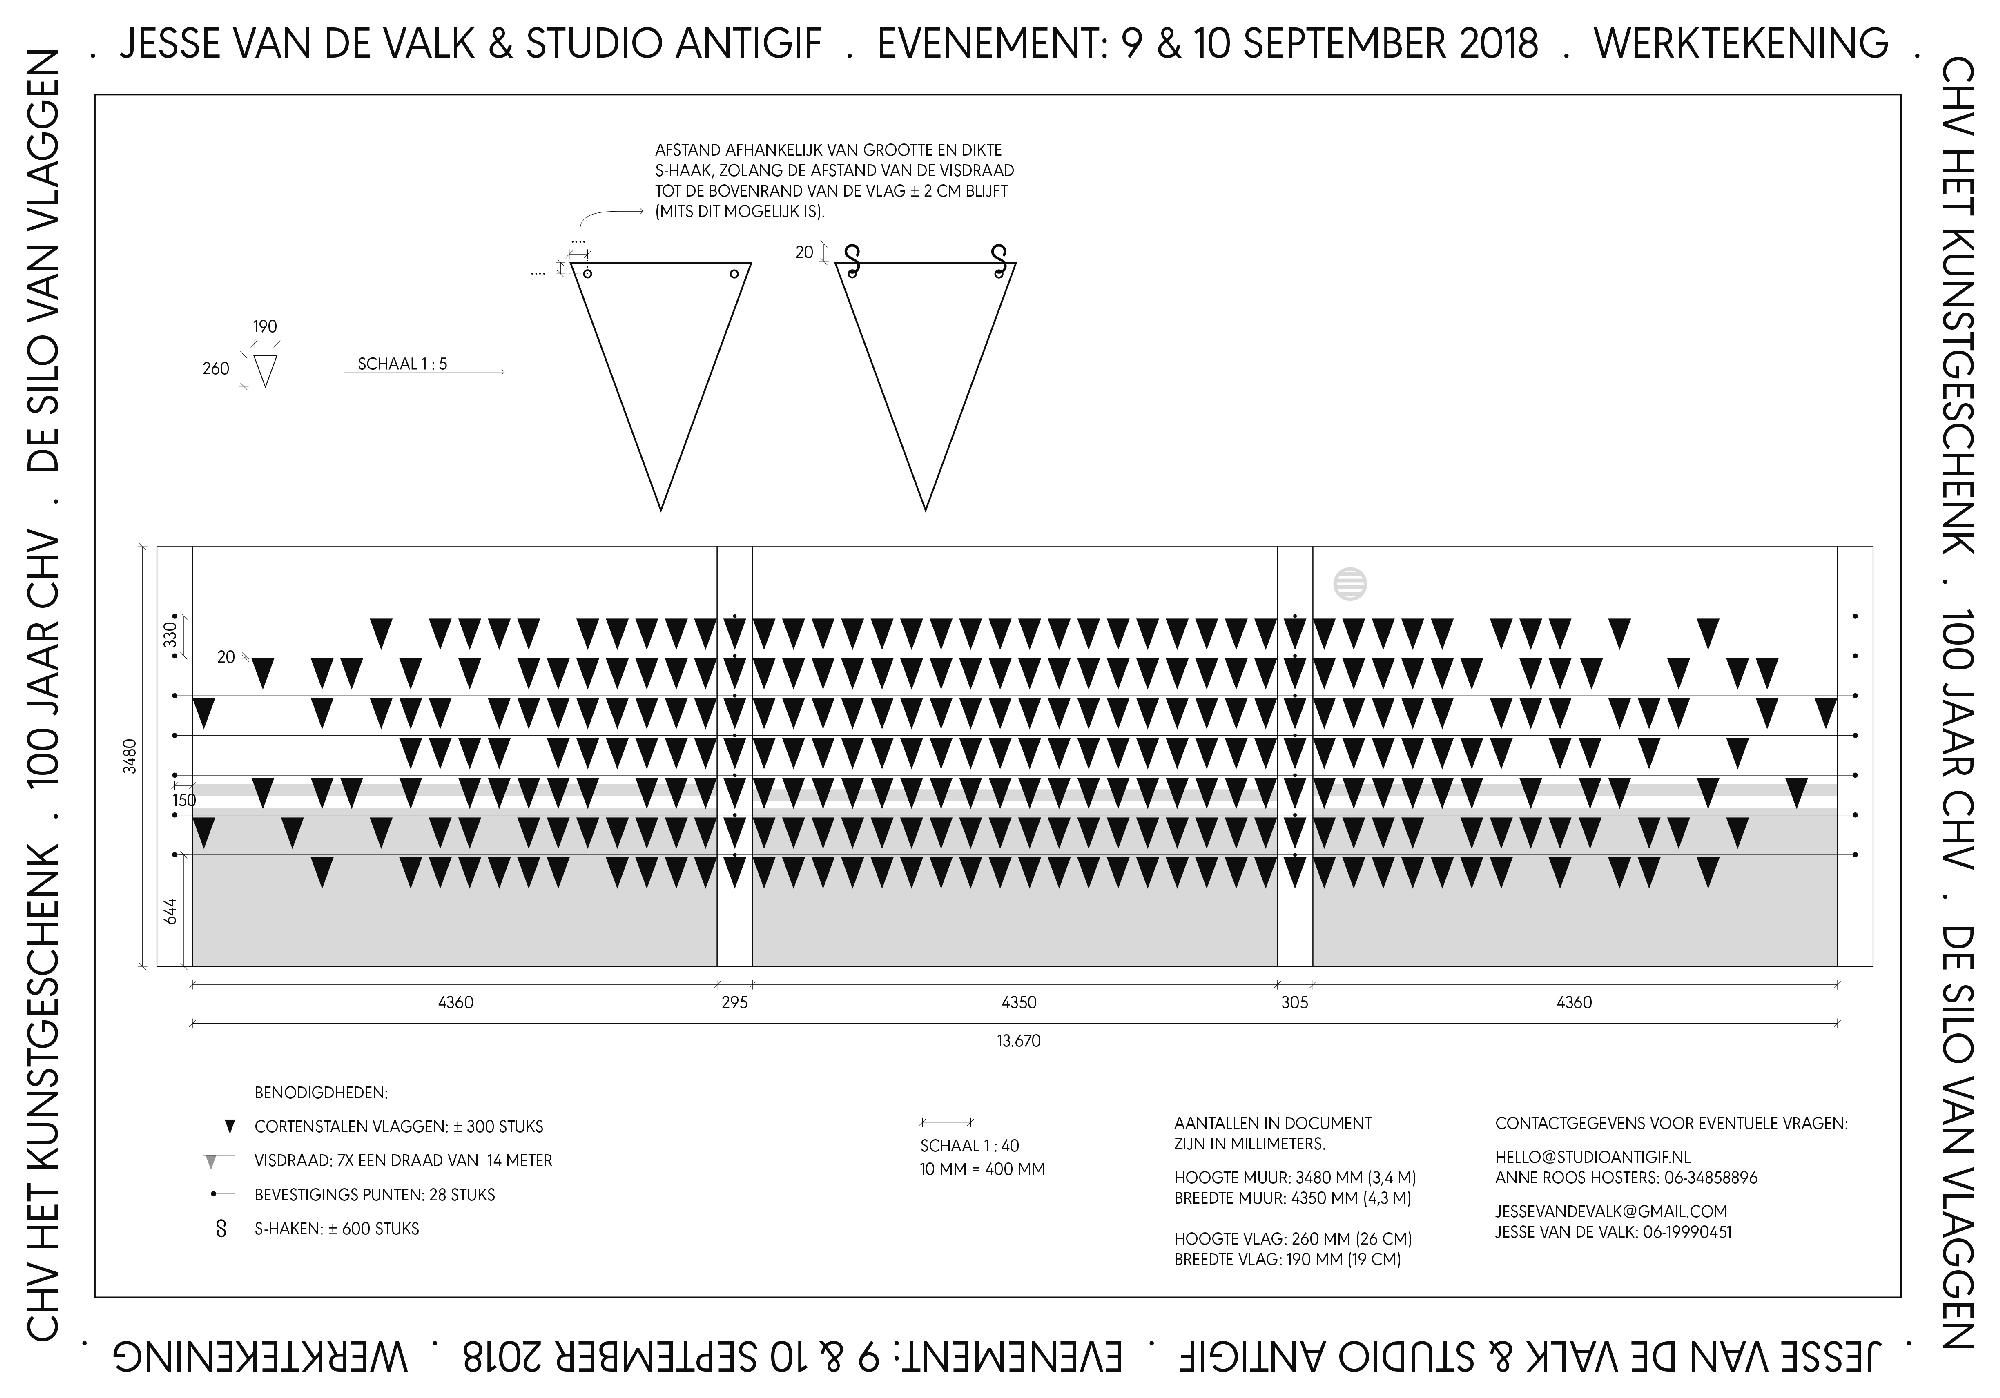 chv-noordkade-100-jaar-werktekening-muur